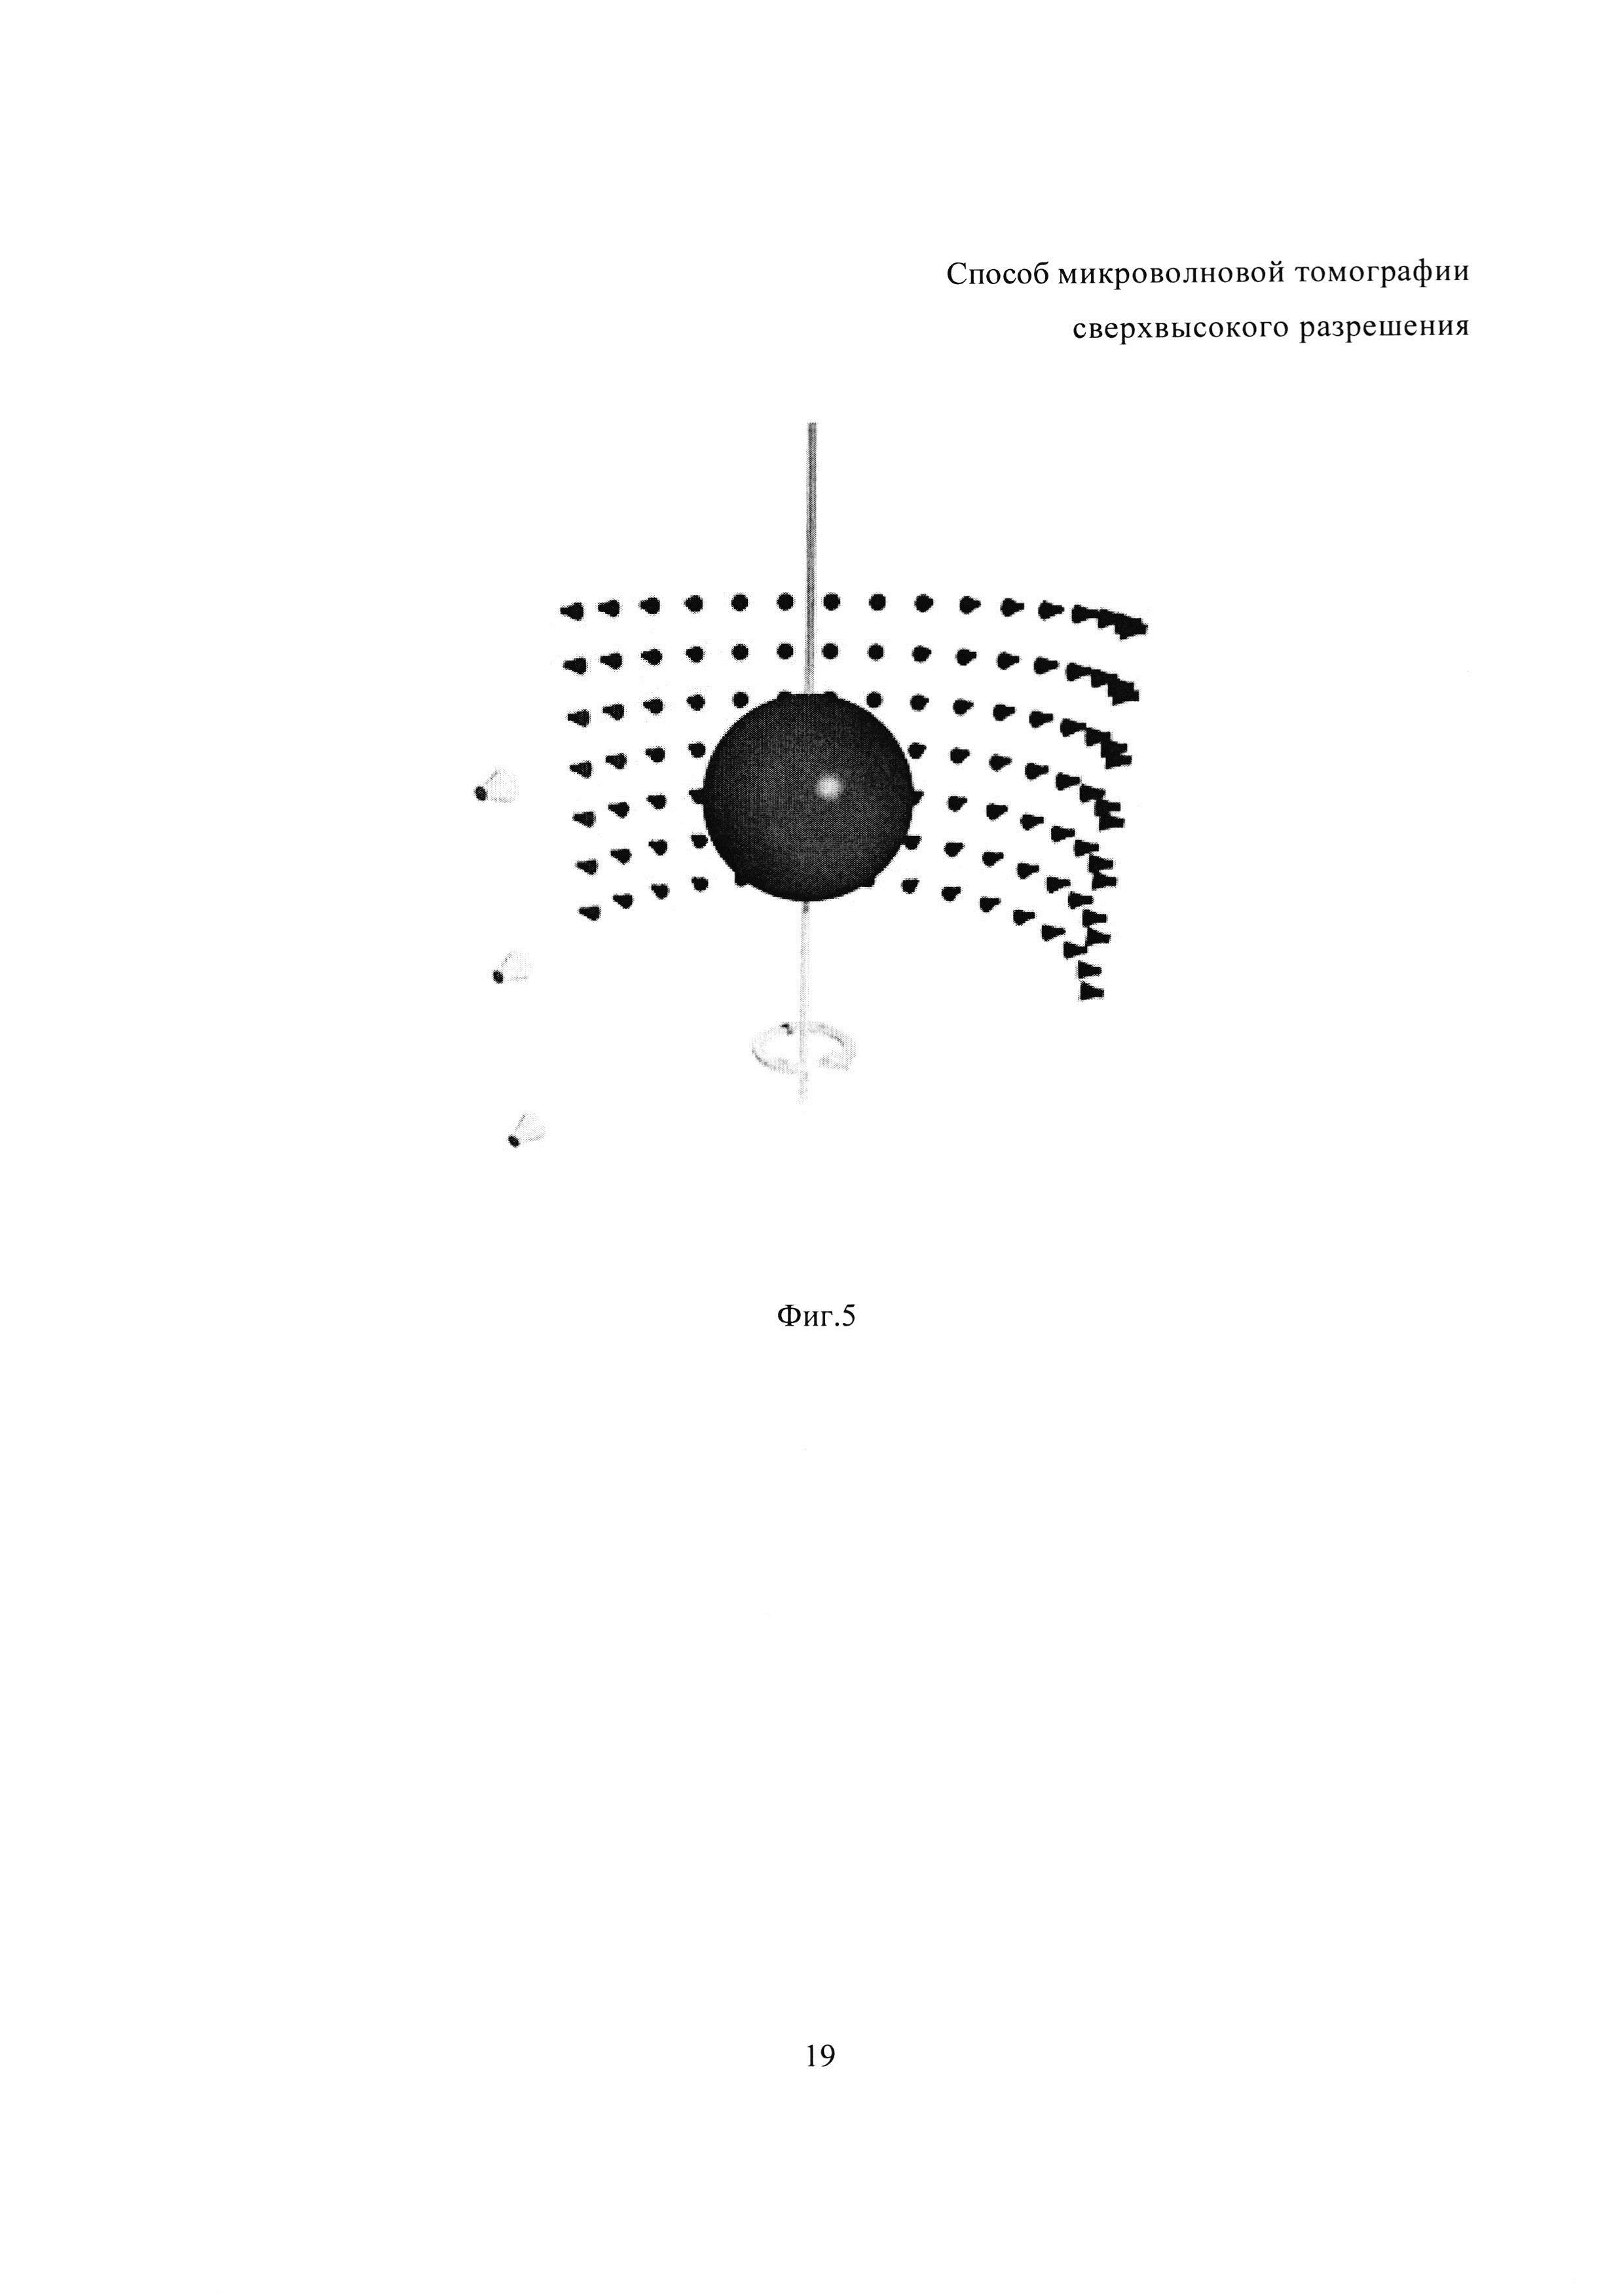 Способ микроволновой томографии сверхвысокого разрешения